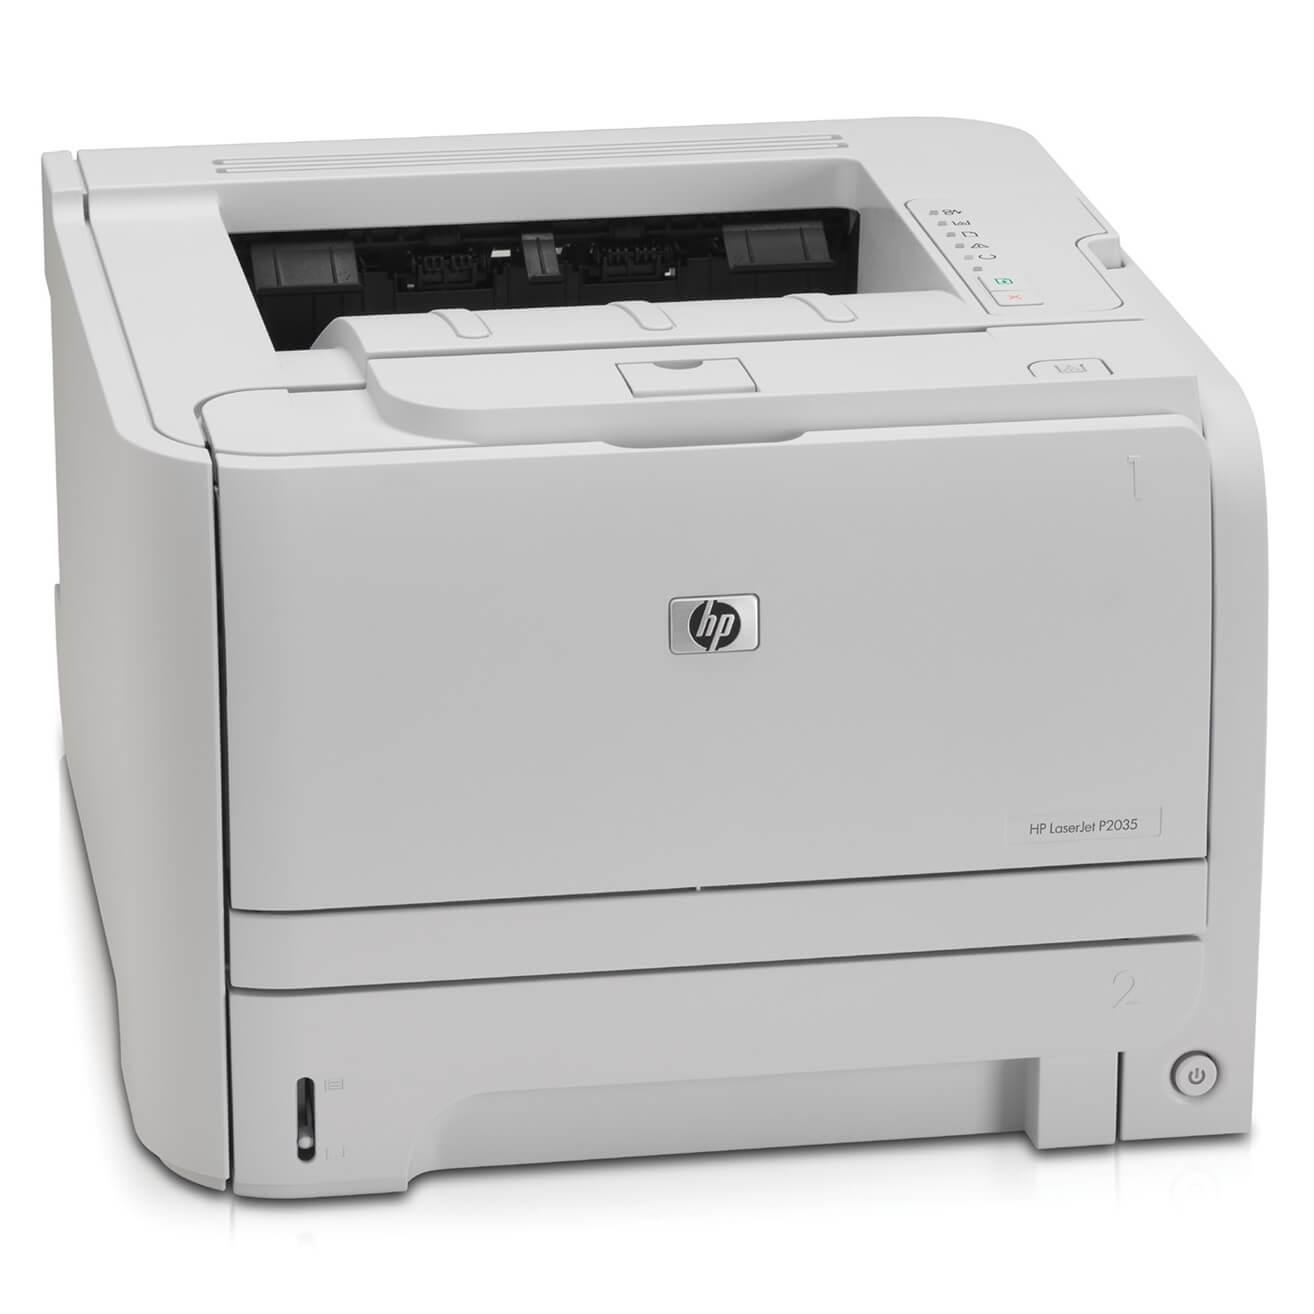 Máy in HP Laserjet P2035 cũ